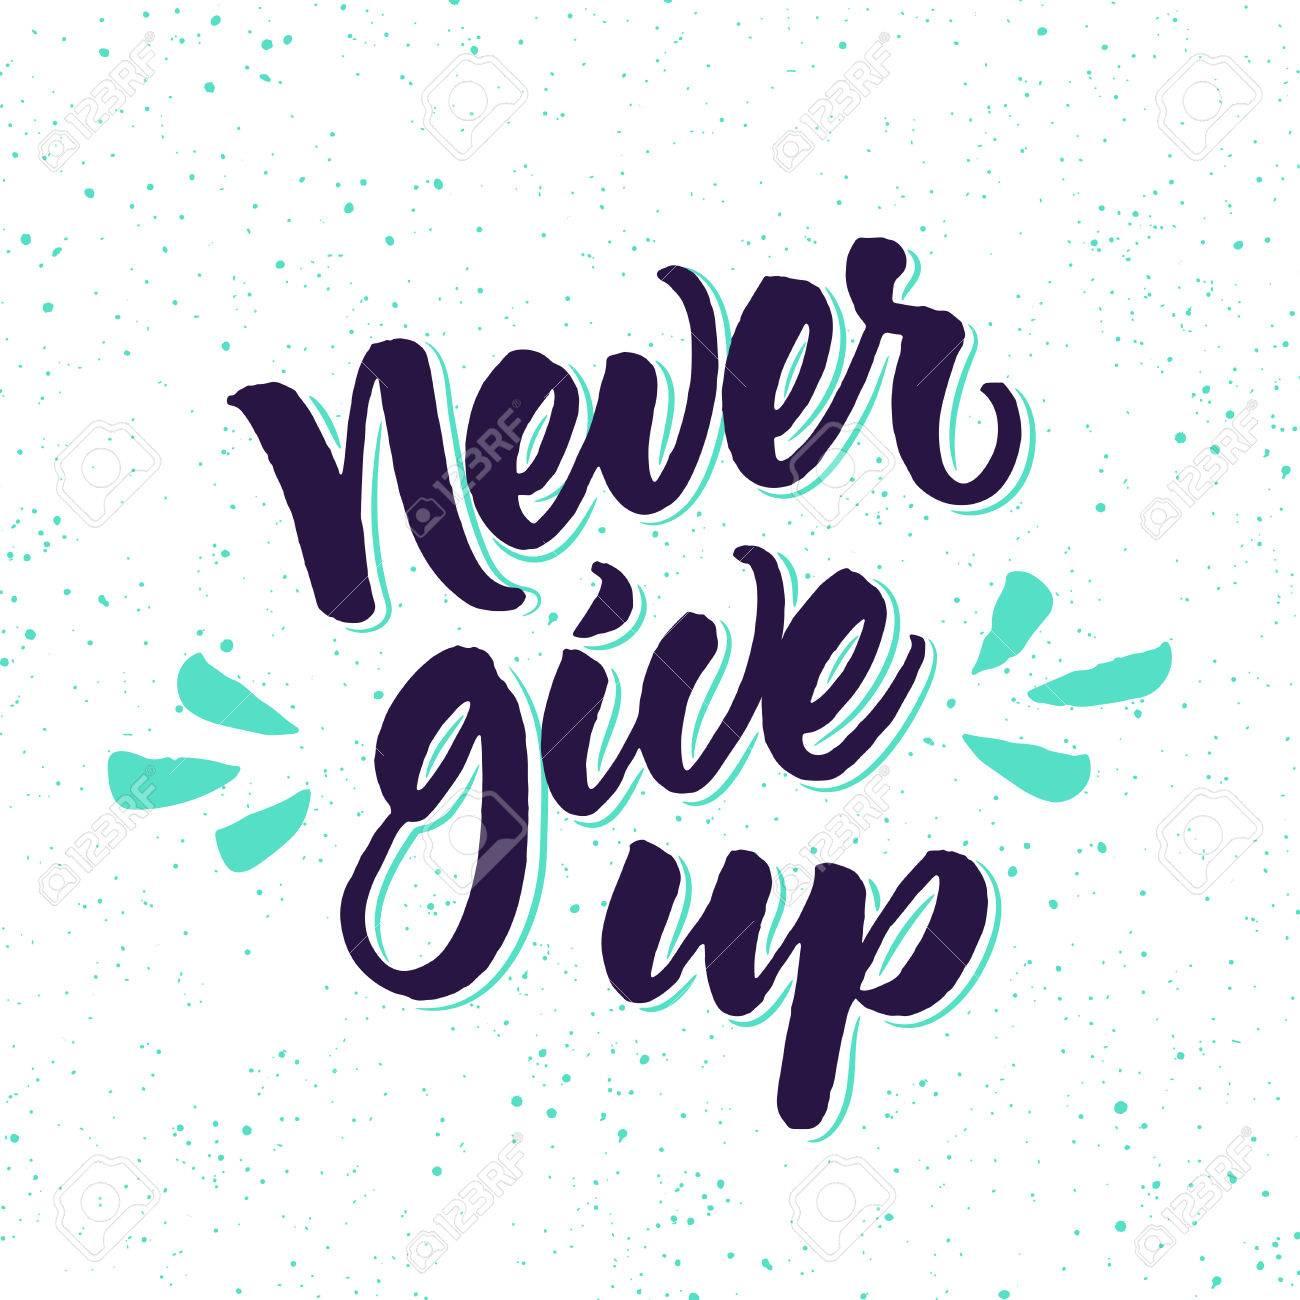 motivational phrase never give up brush lettering on splattered